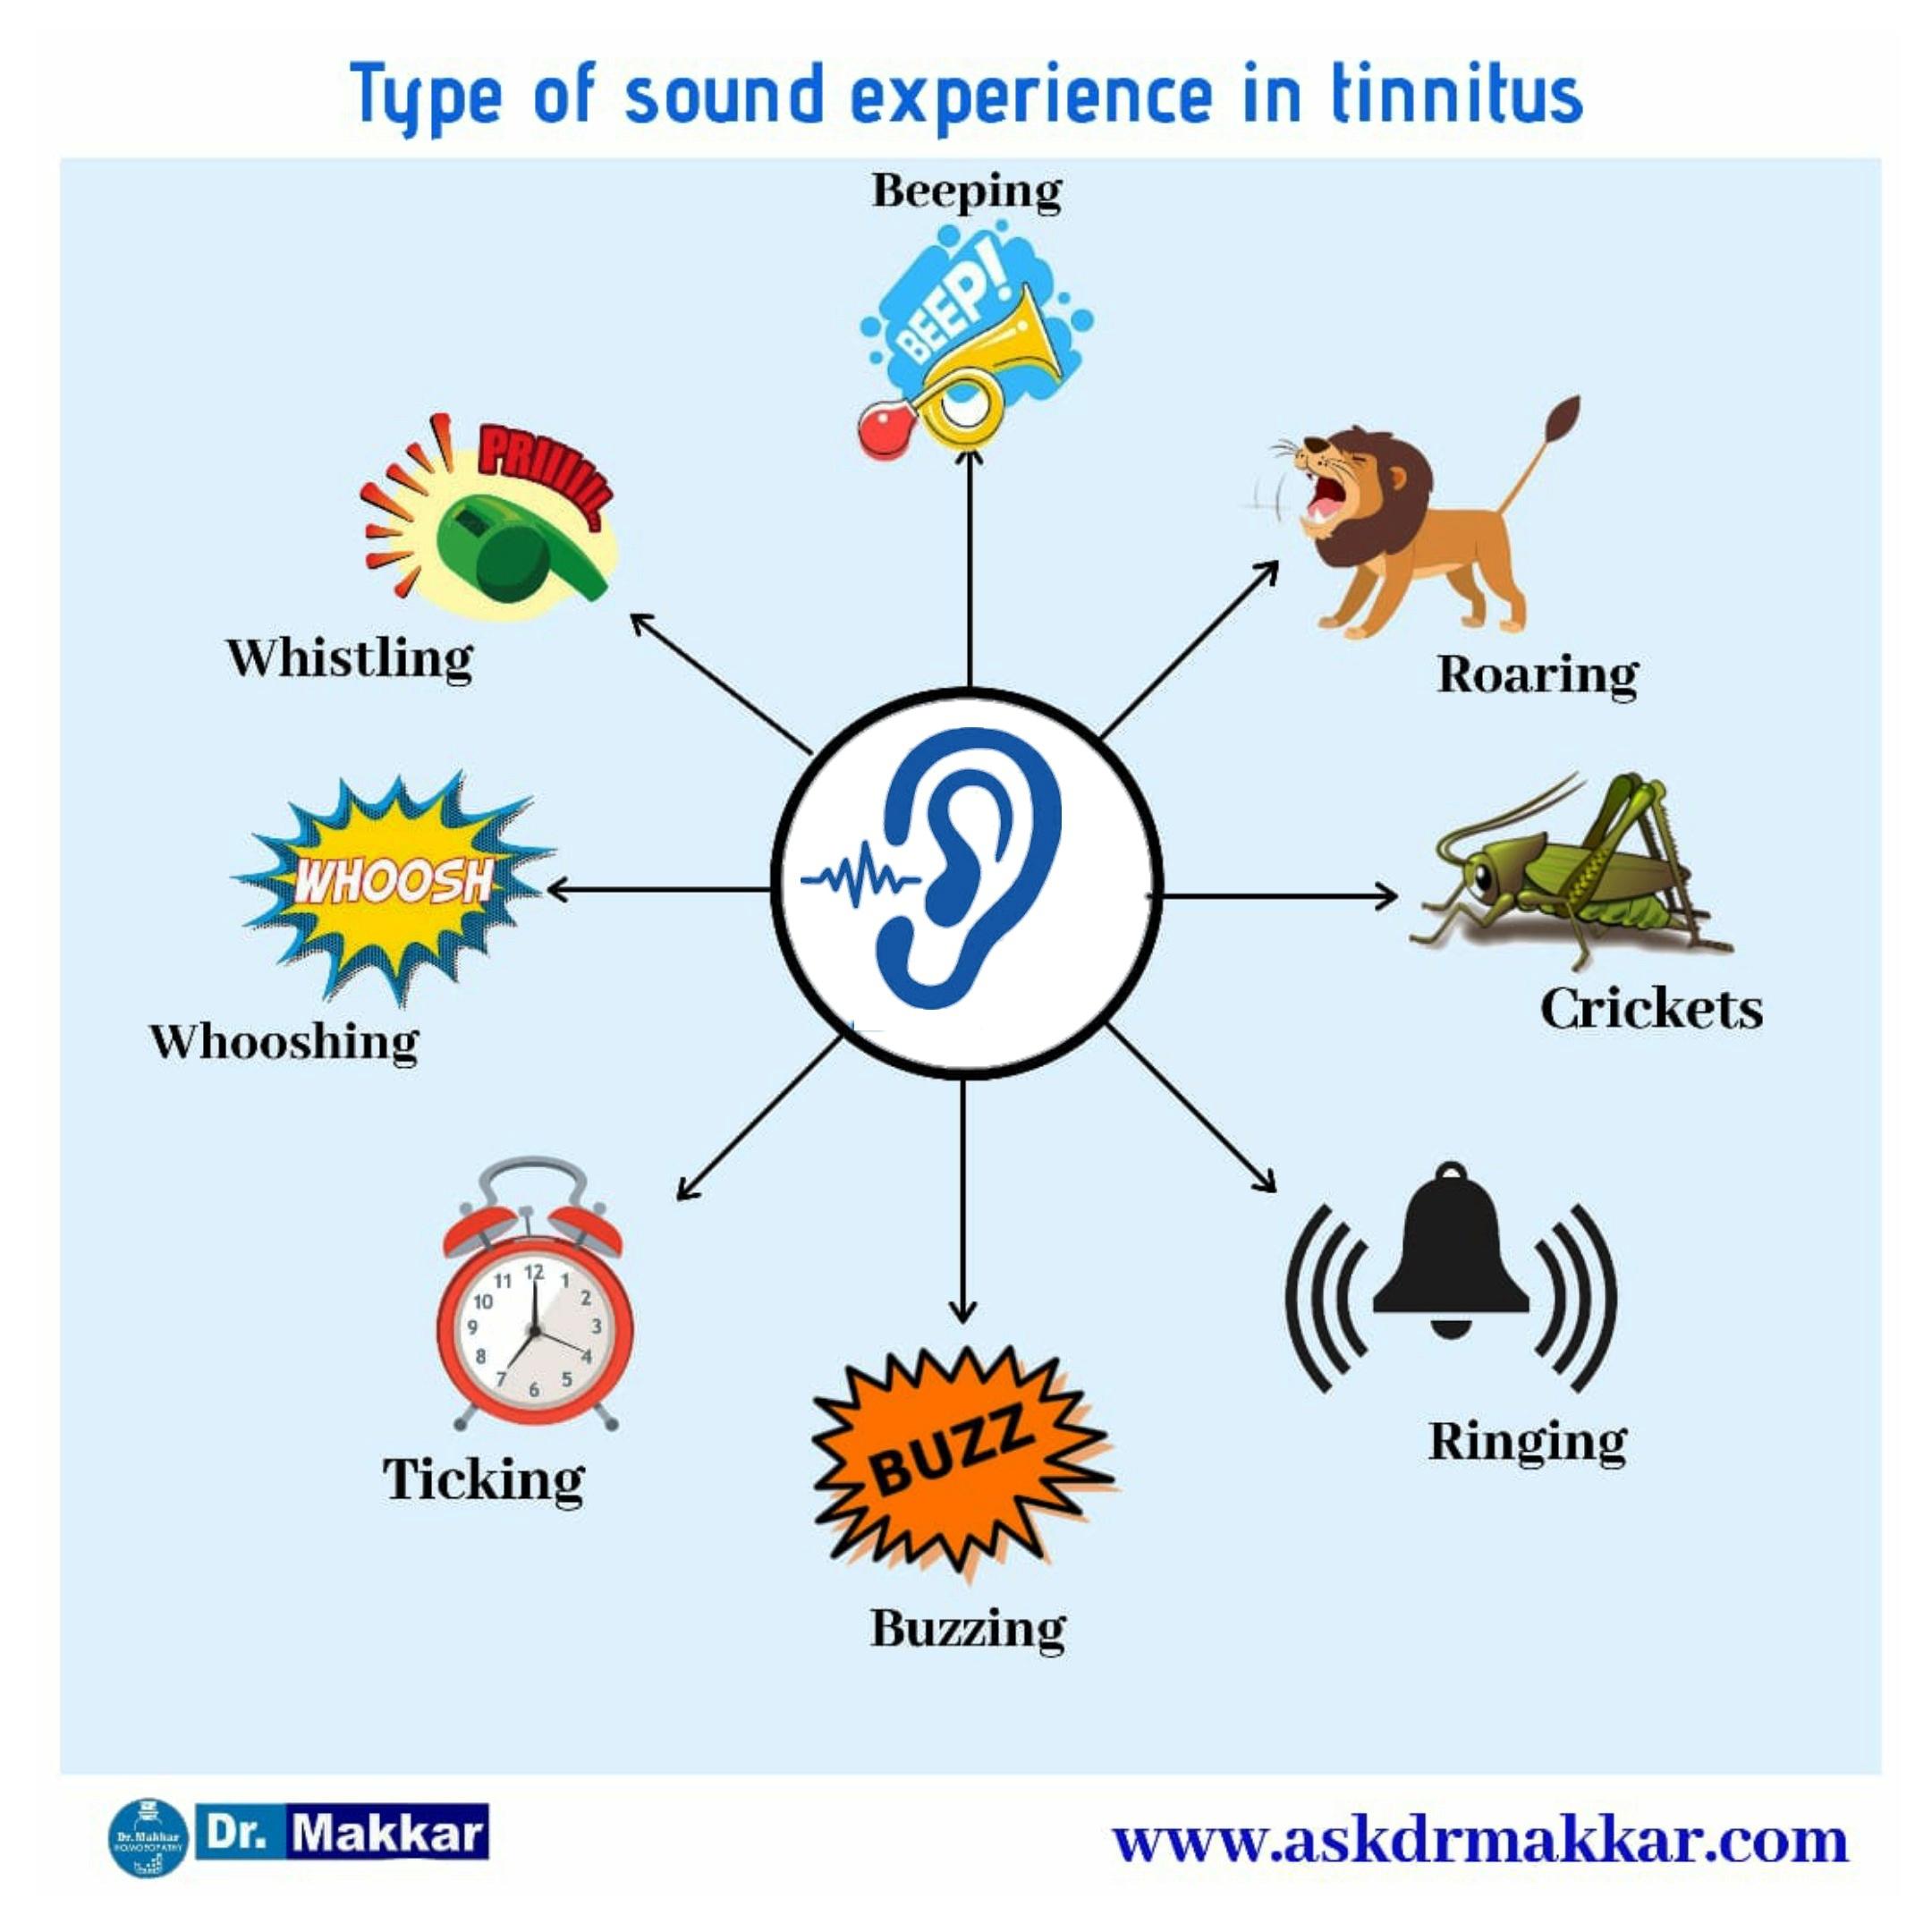 Diffrent type of sound experienced in Tinnitus Patients || टिनिटस मरीजों द्वारा अनुभव किए जाने वाले विभिन्न प्रकार के डिफेंट साउंड ध्वनि